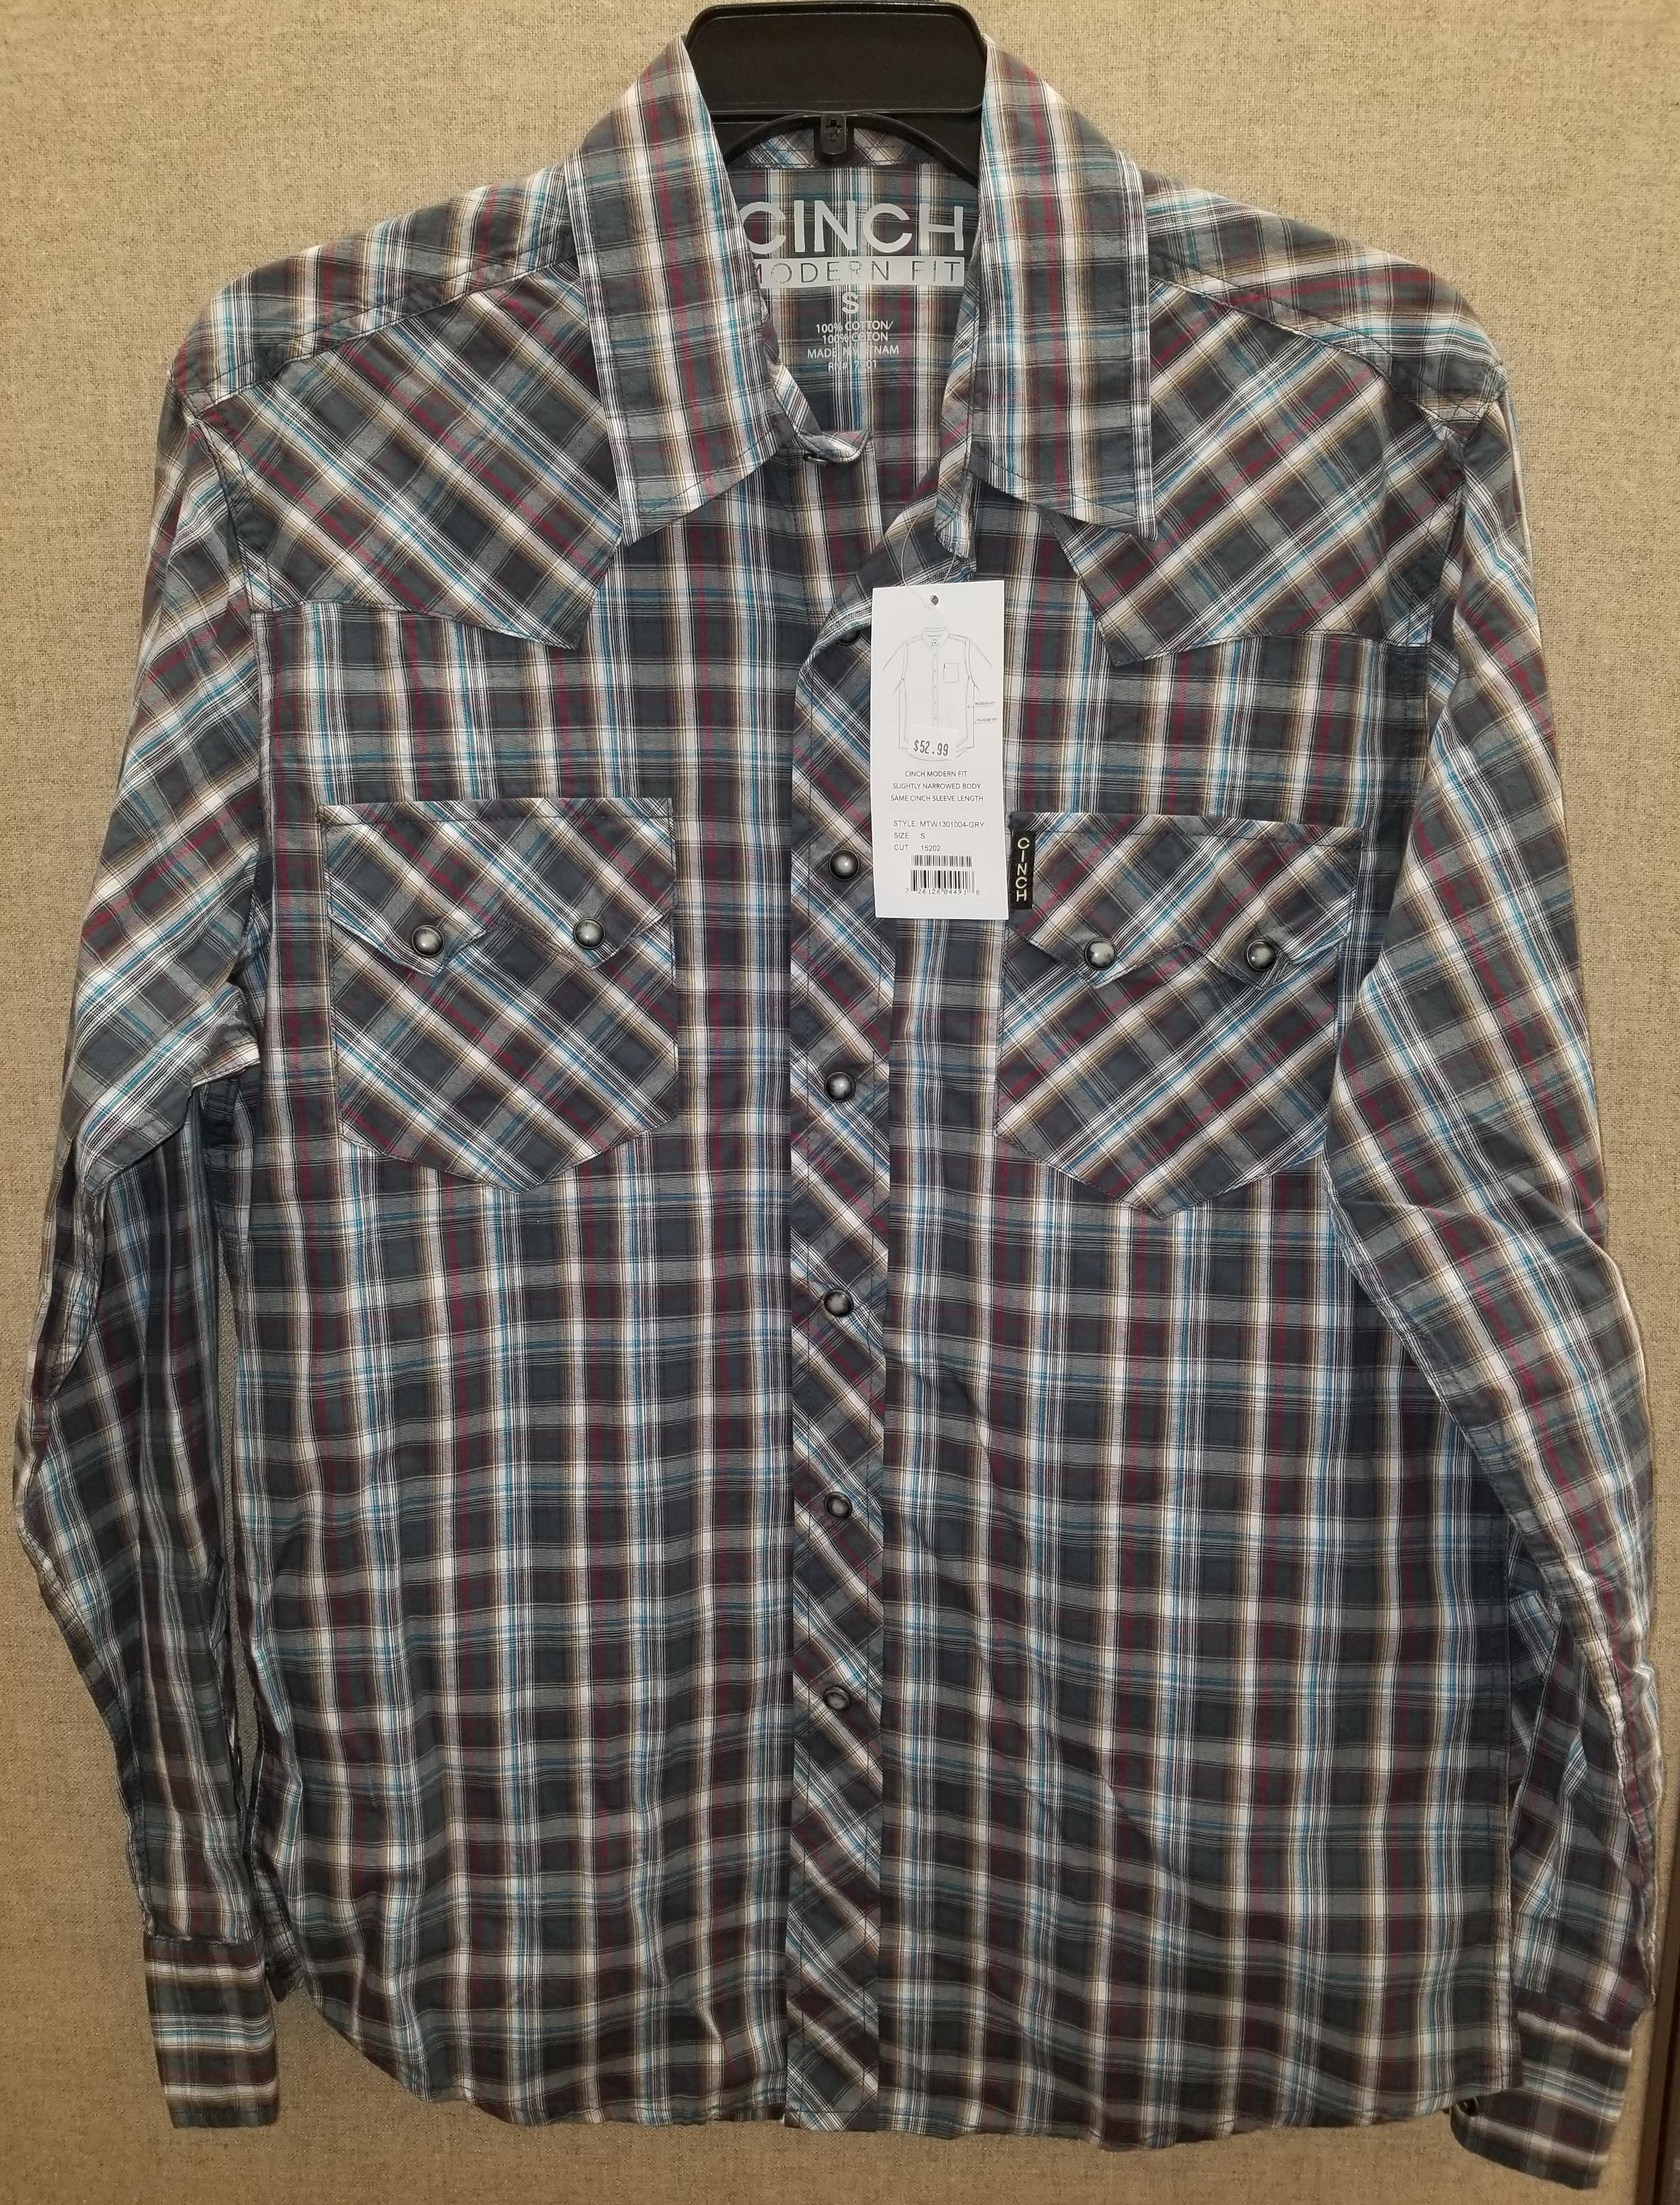 b6fad5c1 Cinch Men's Gray Burgundy Plaid GreyMarble Snap Shirt Small Modern Fit  Western